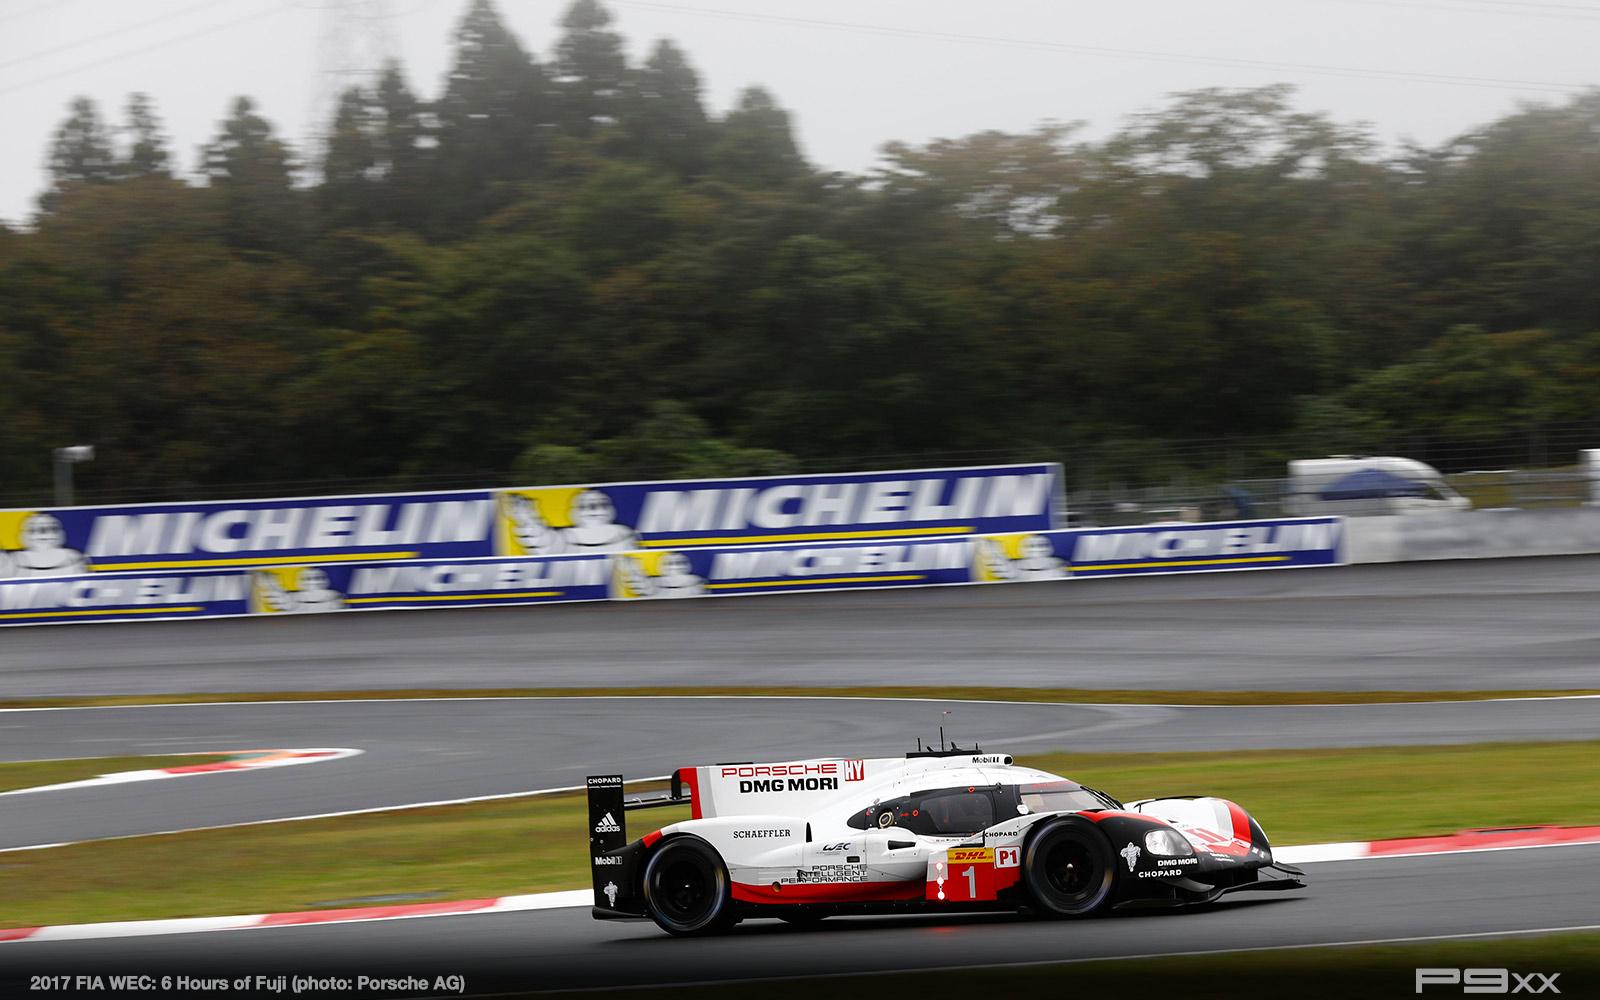 2017-FIA-WEC-6h-of-Fuji-Porsche-405